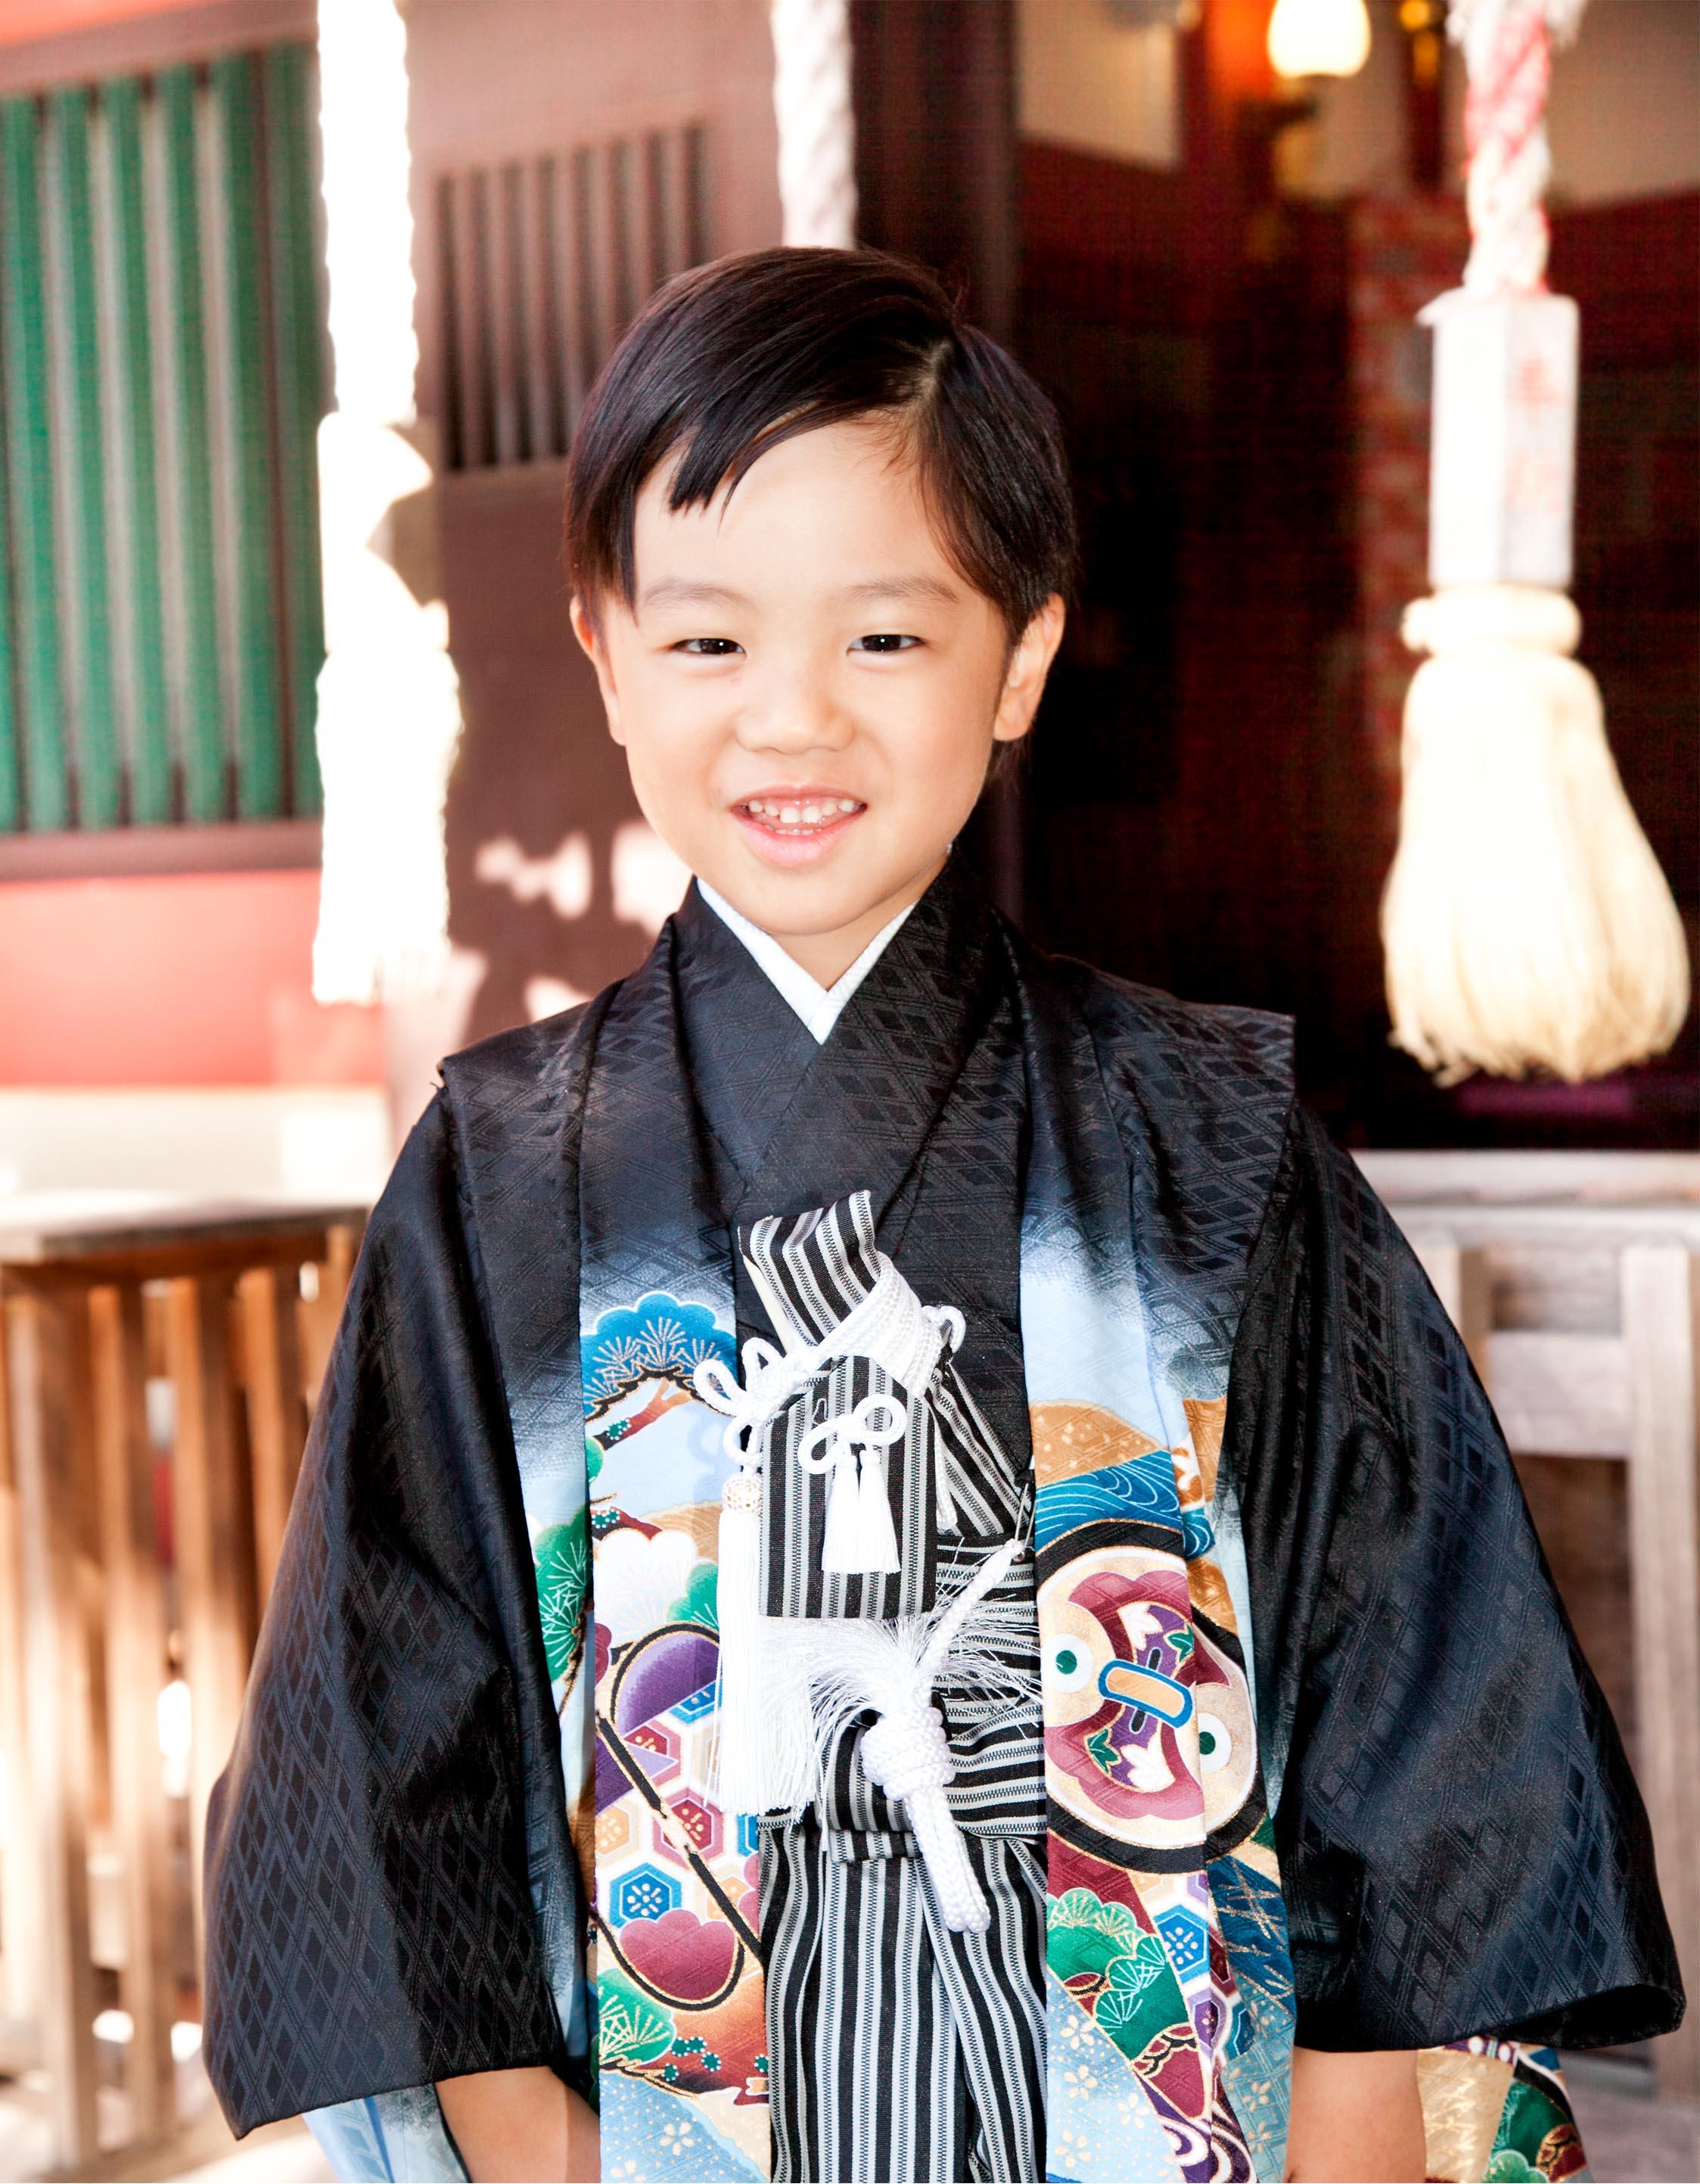 五歳-753-川口市-前川神社写真館アップ黒着物男笑顔